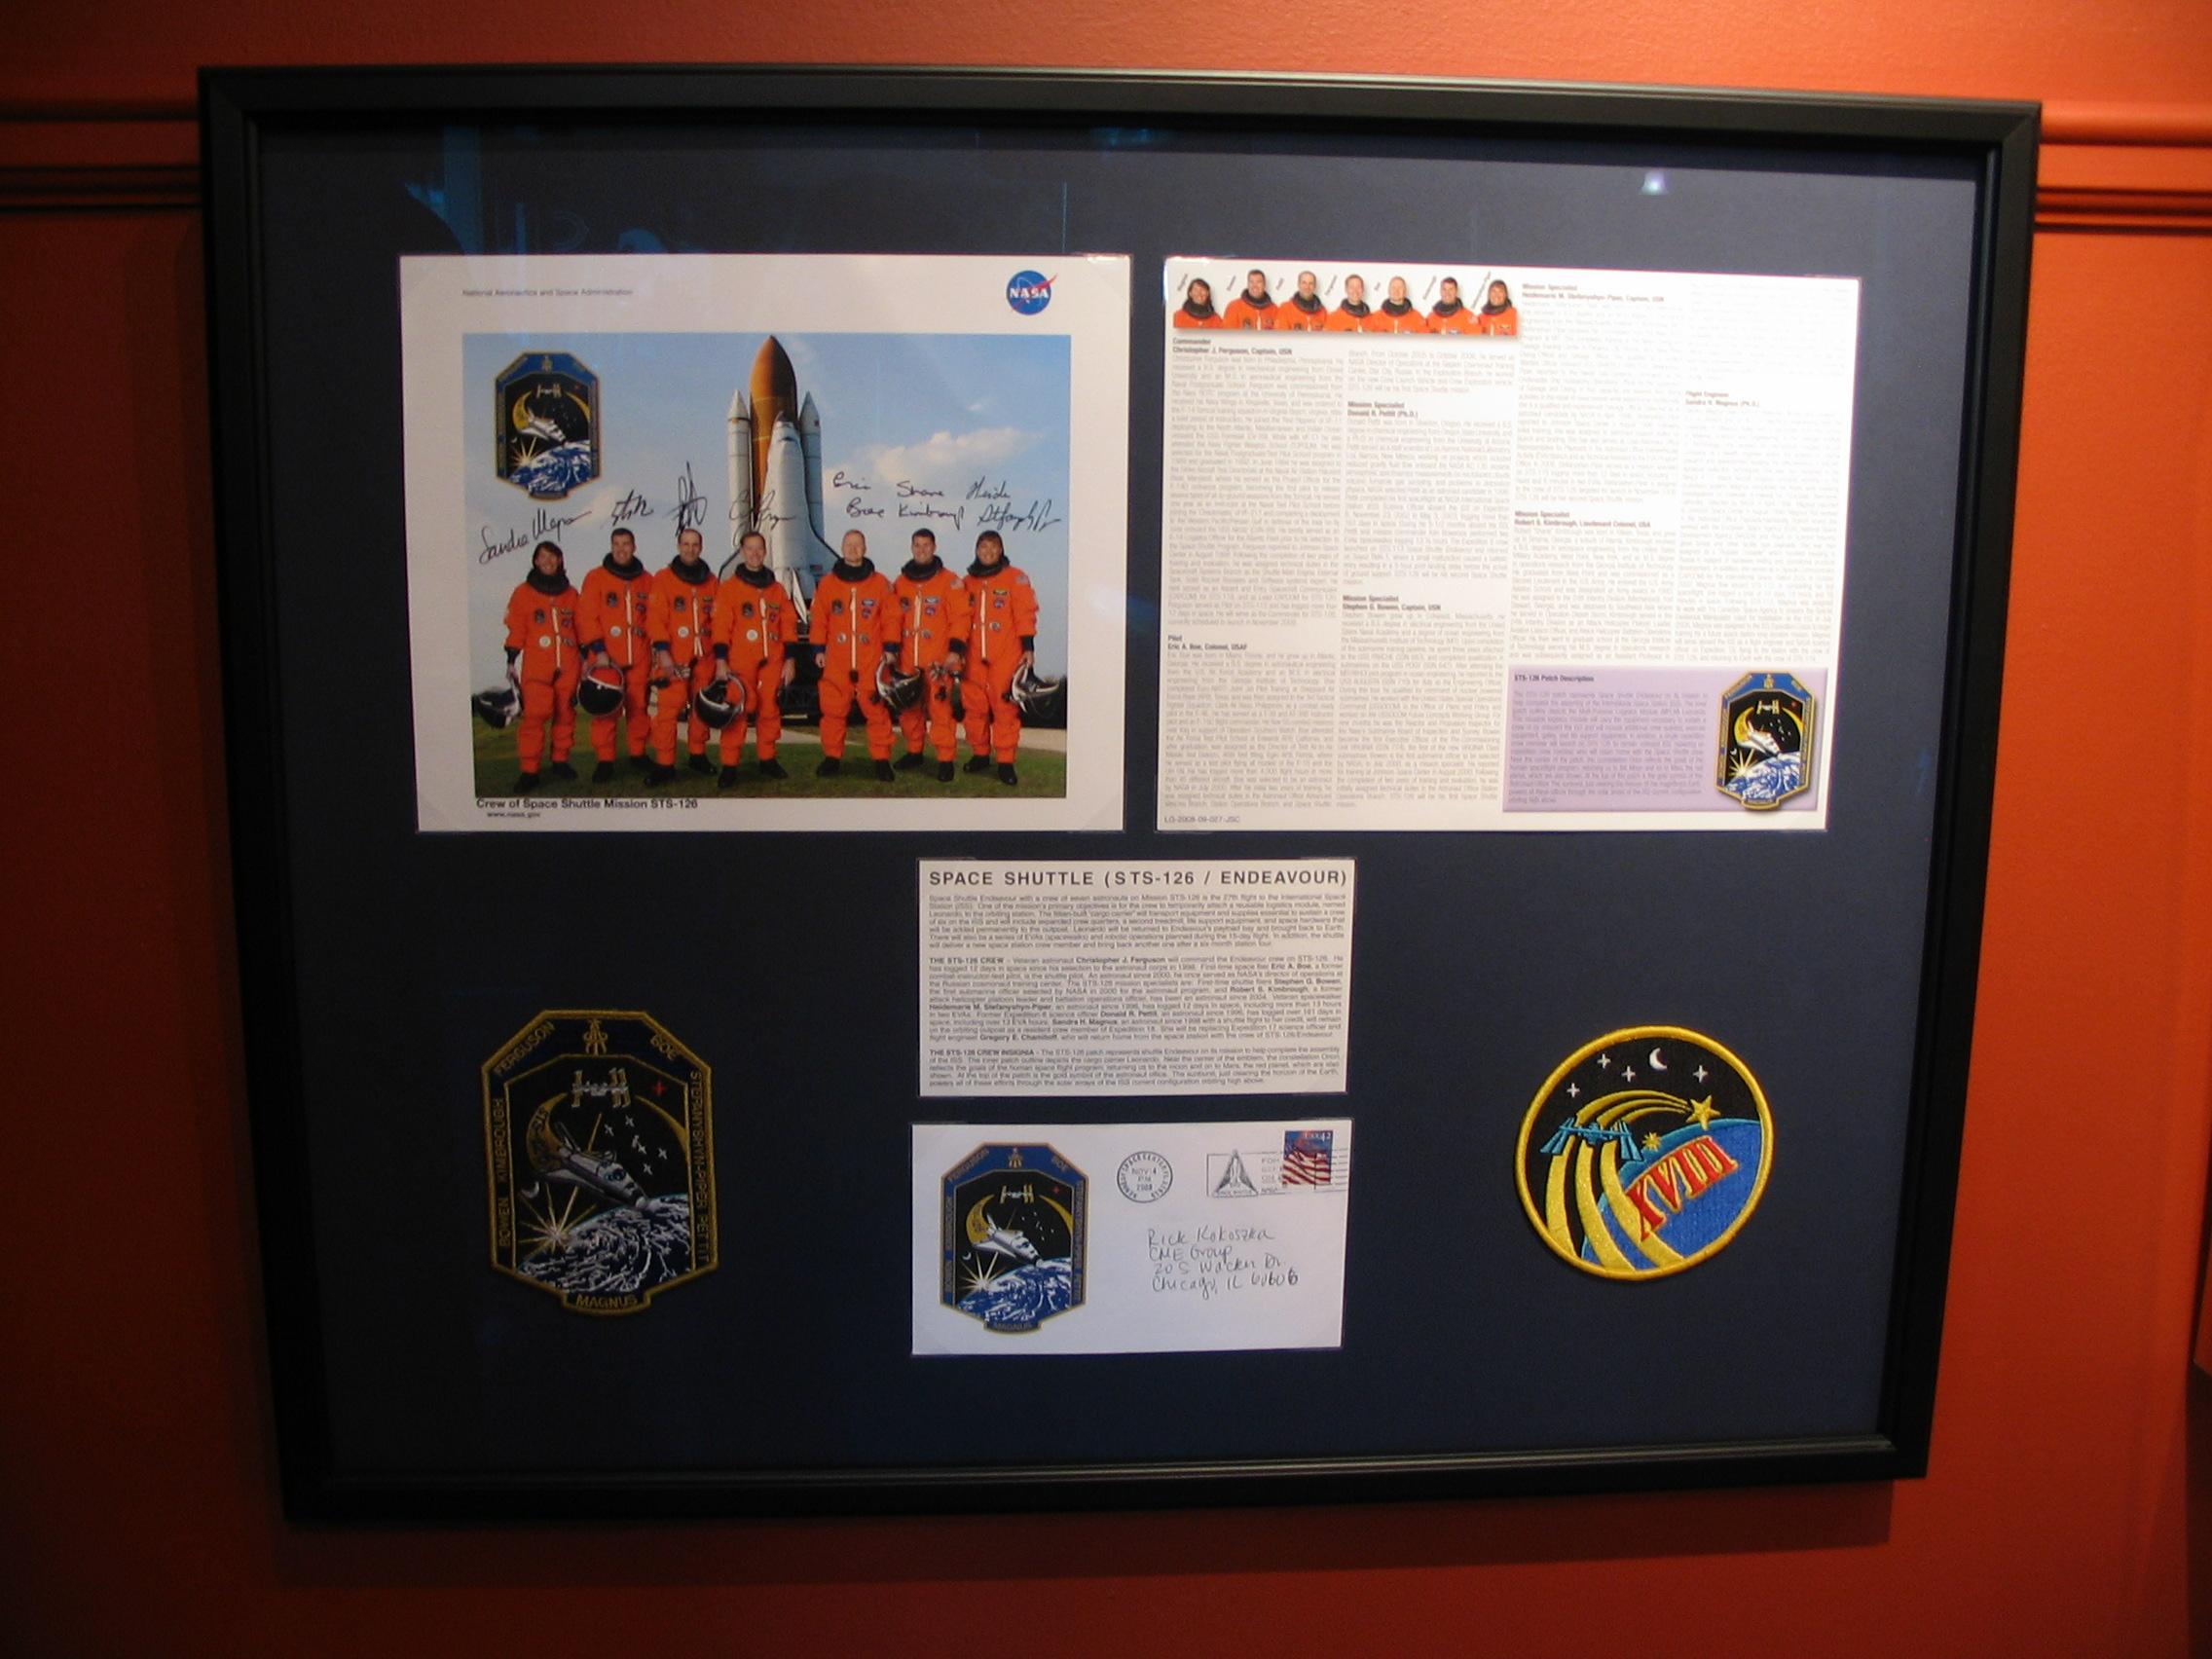 NASA framed by The Framemakers